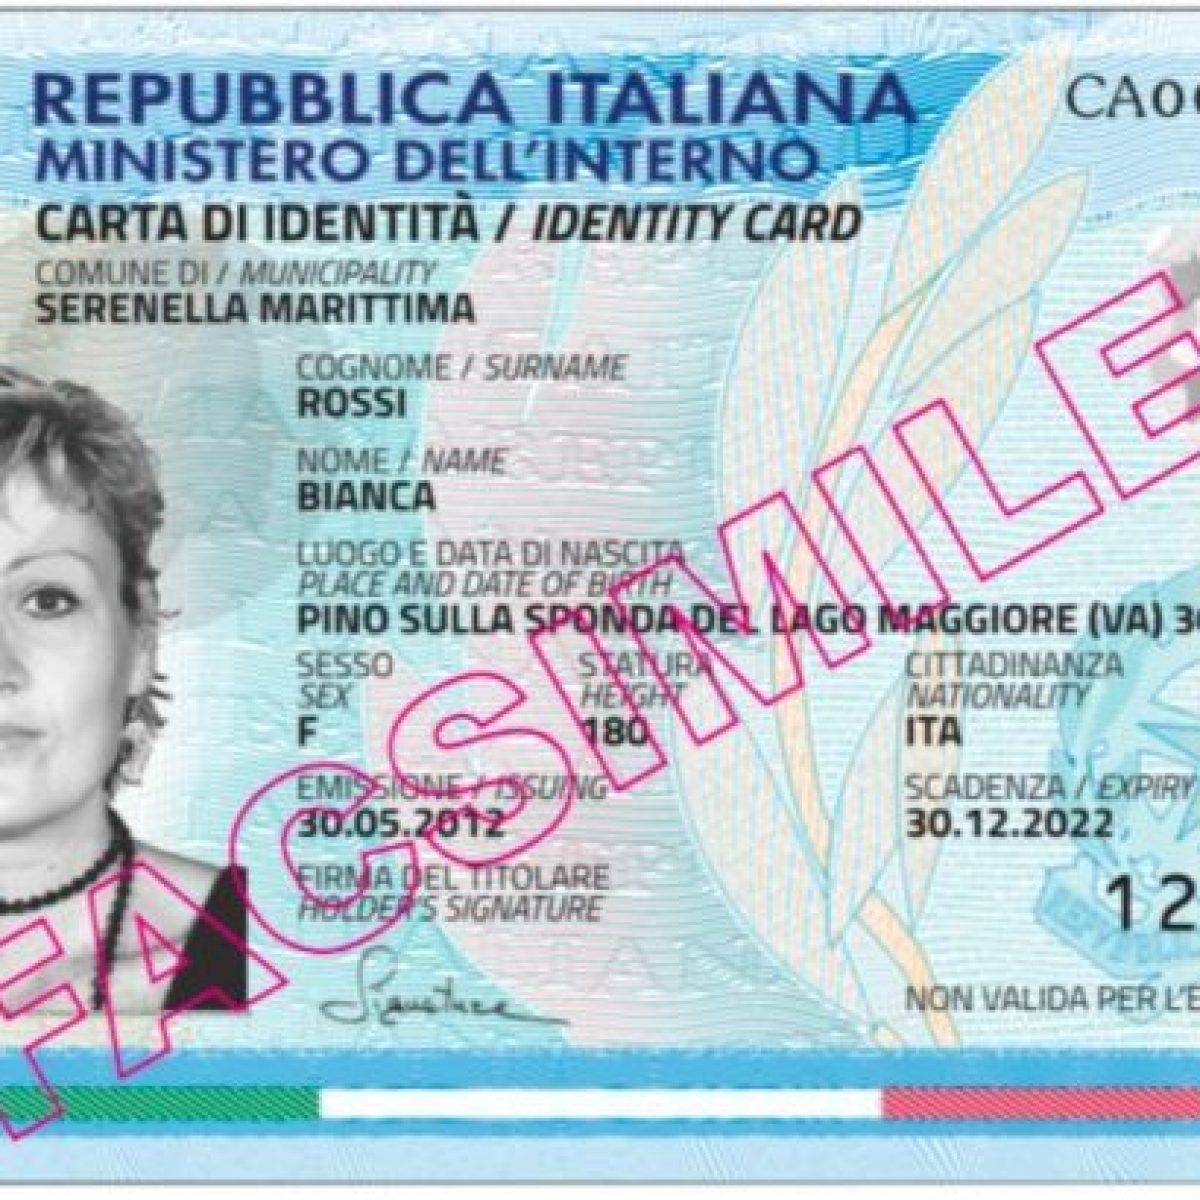 Carta Di Identità Elettronica Ecco Il Sito Per Averla Subito